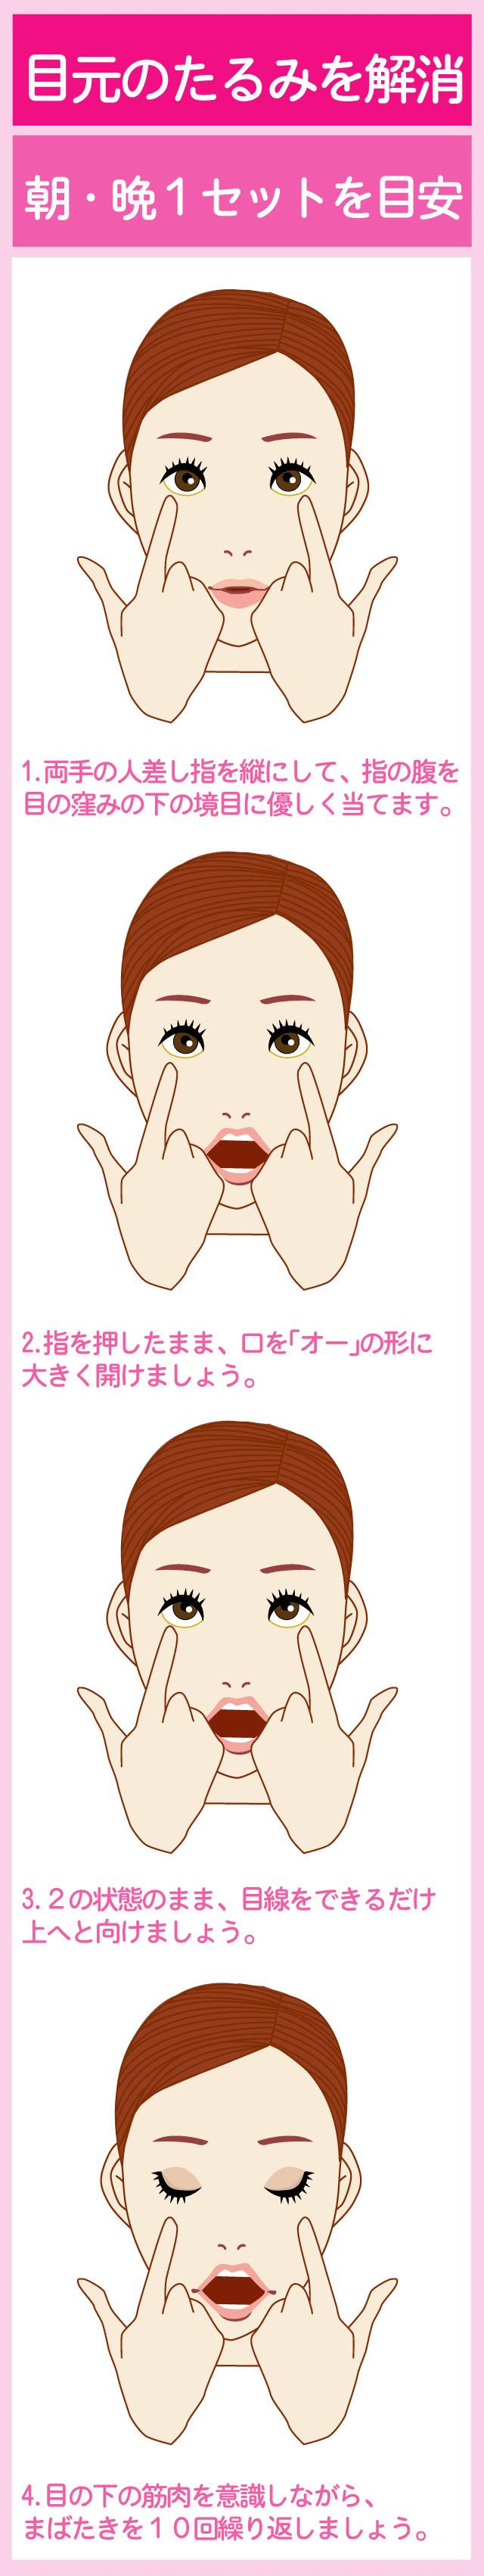 目元のたるみを解消するエクササイズ